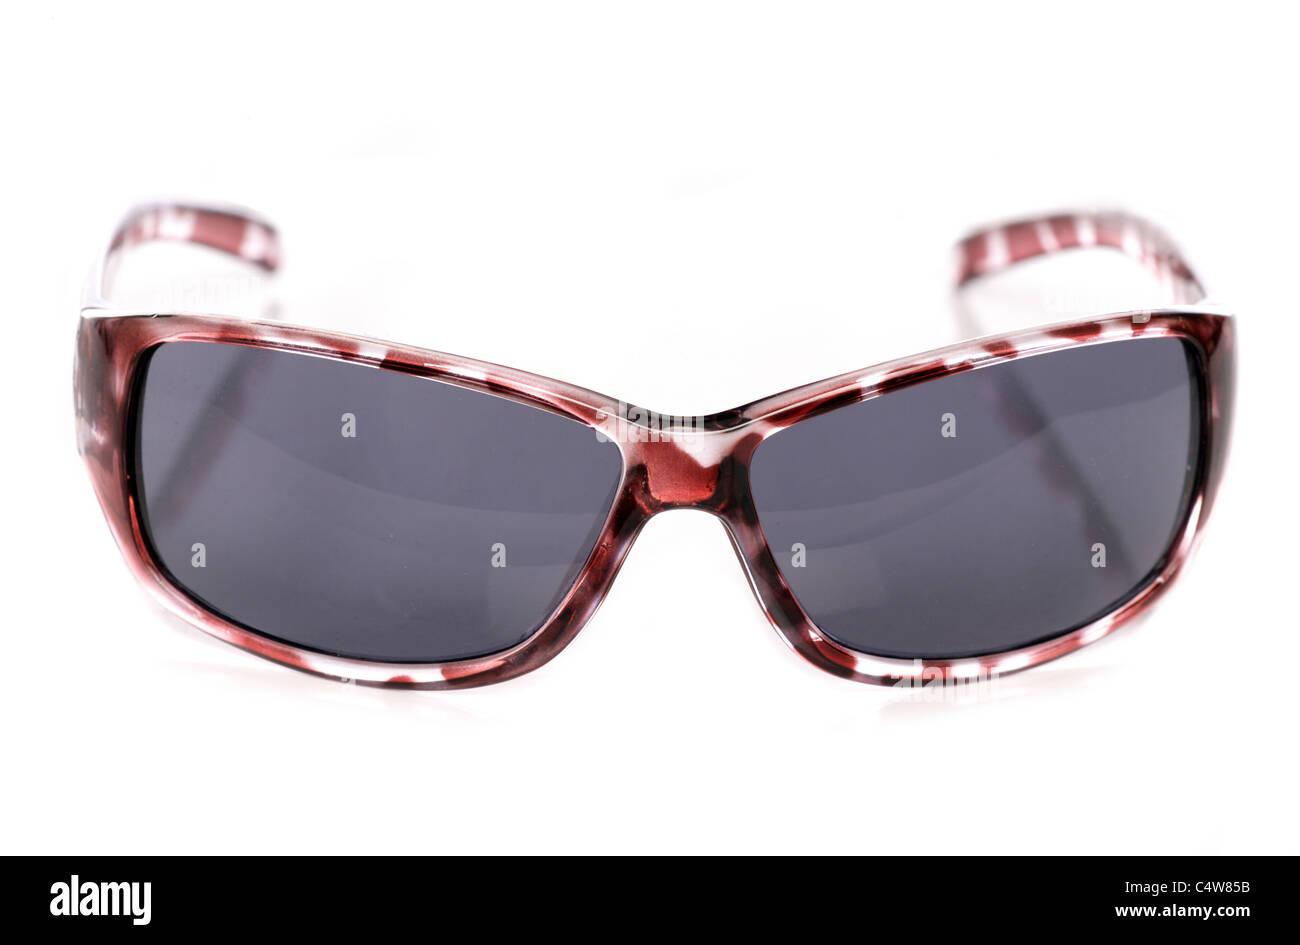 Womens occhiali da sole isolato su sfondo bianco Foto Stock